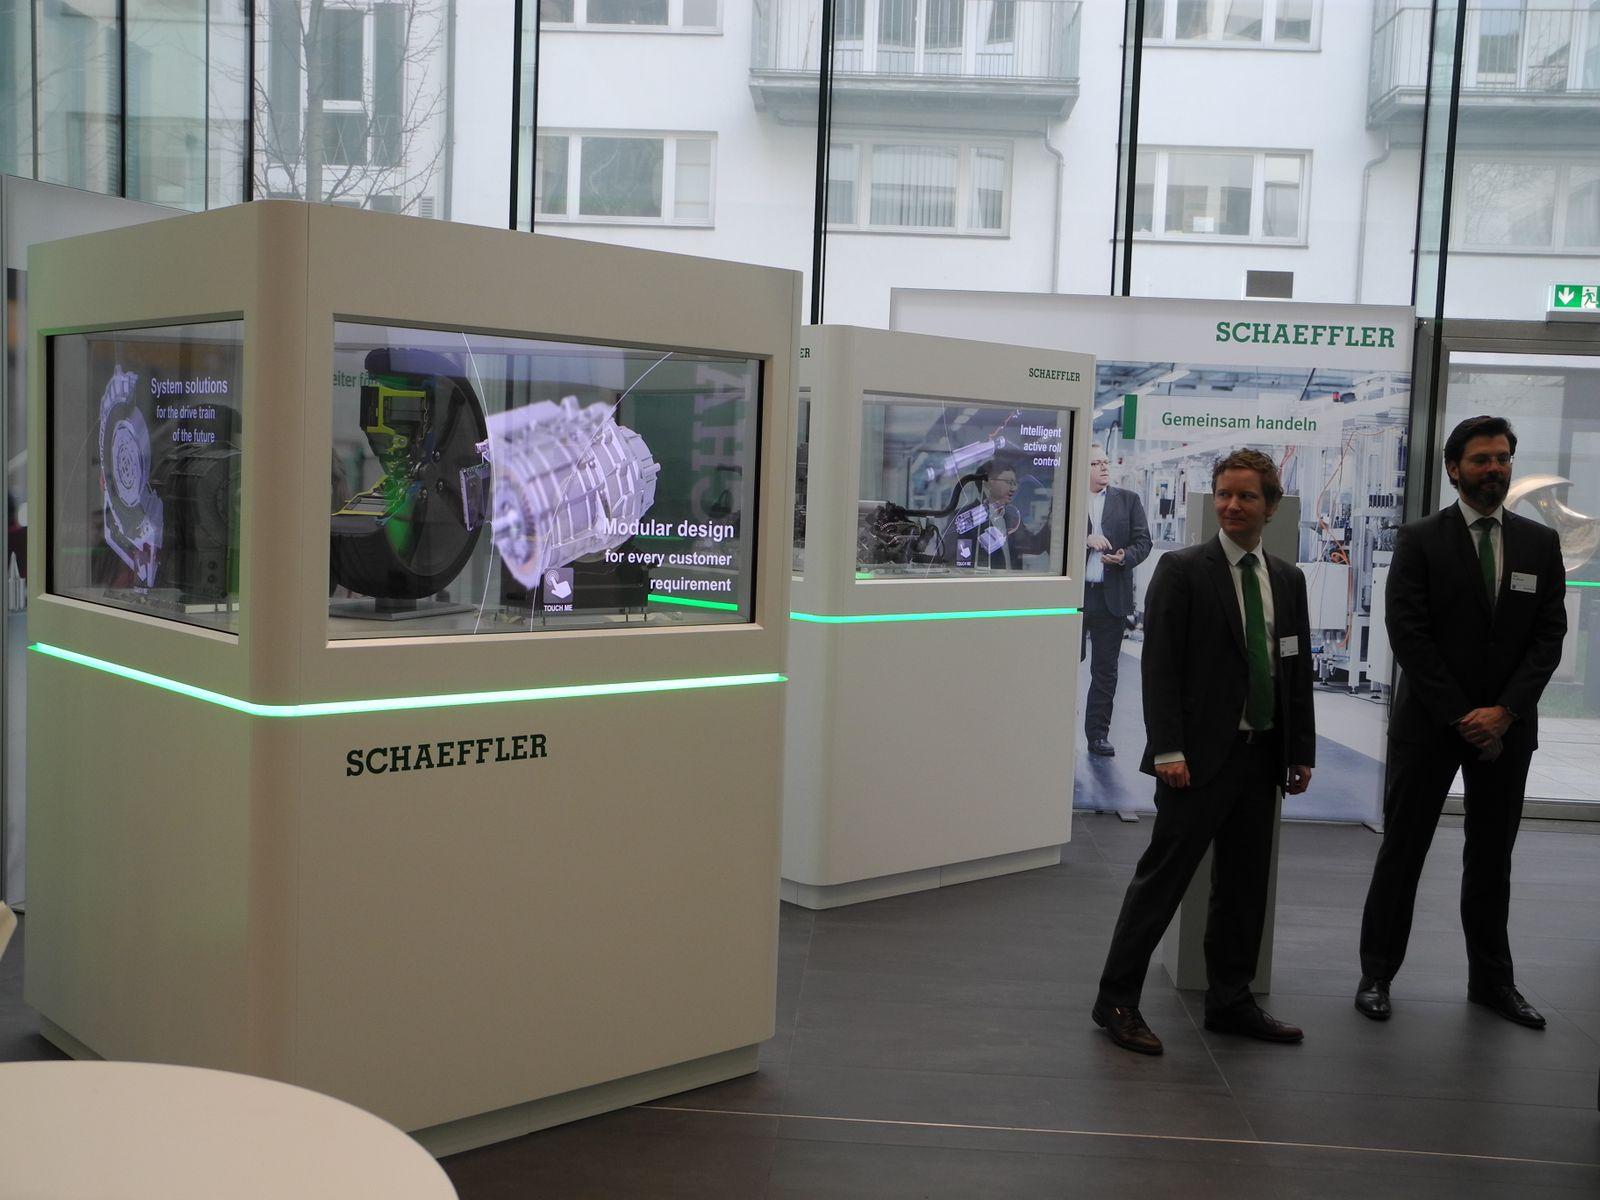 Bilanz-PK Schaffler / Bauteile